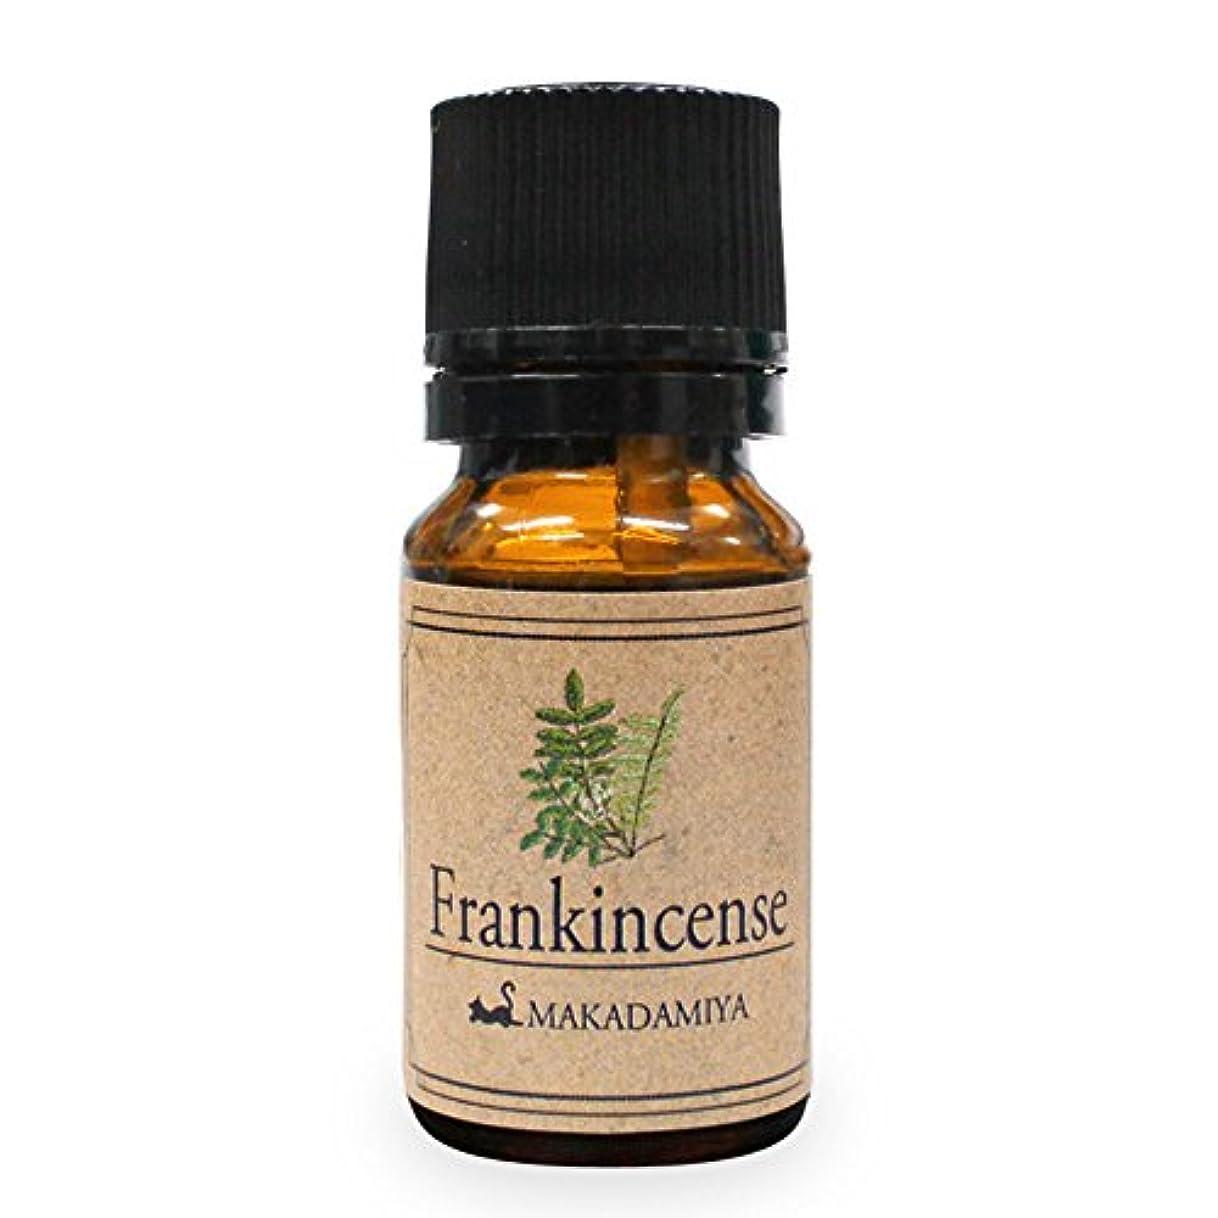 収穫額振る舞うフランキンセンス10ml 天然100%植物性 エッセンシャルオイル(精油) アロマオイル アロママッサージ aroma Frankincense